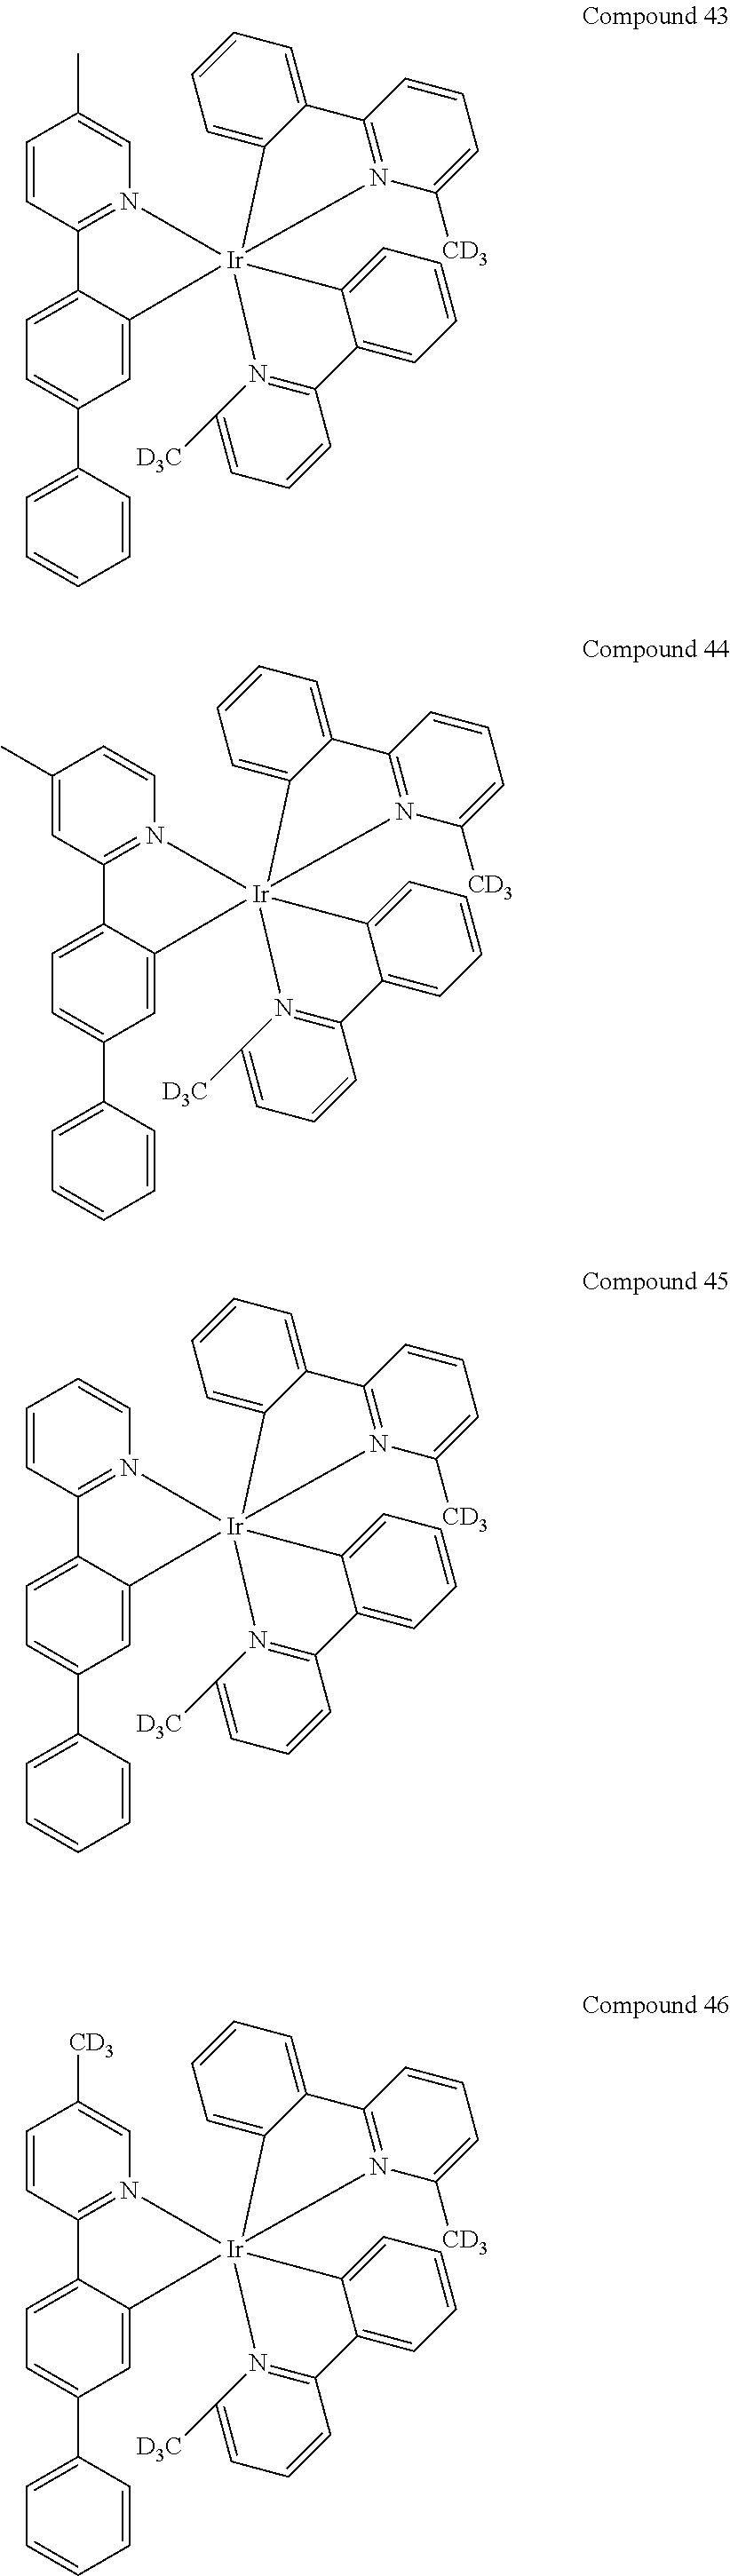 Figure US20100270916A1-20101028-C00222